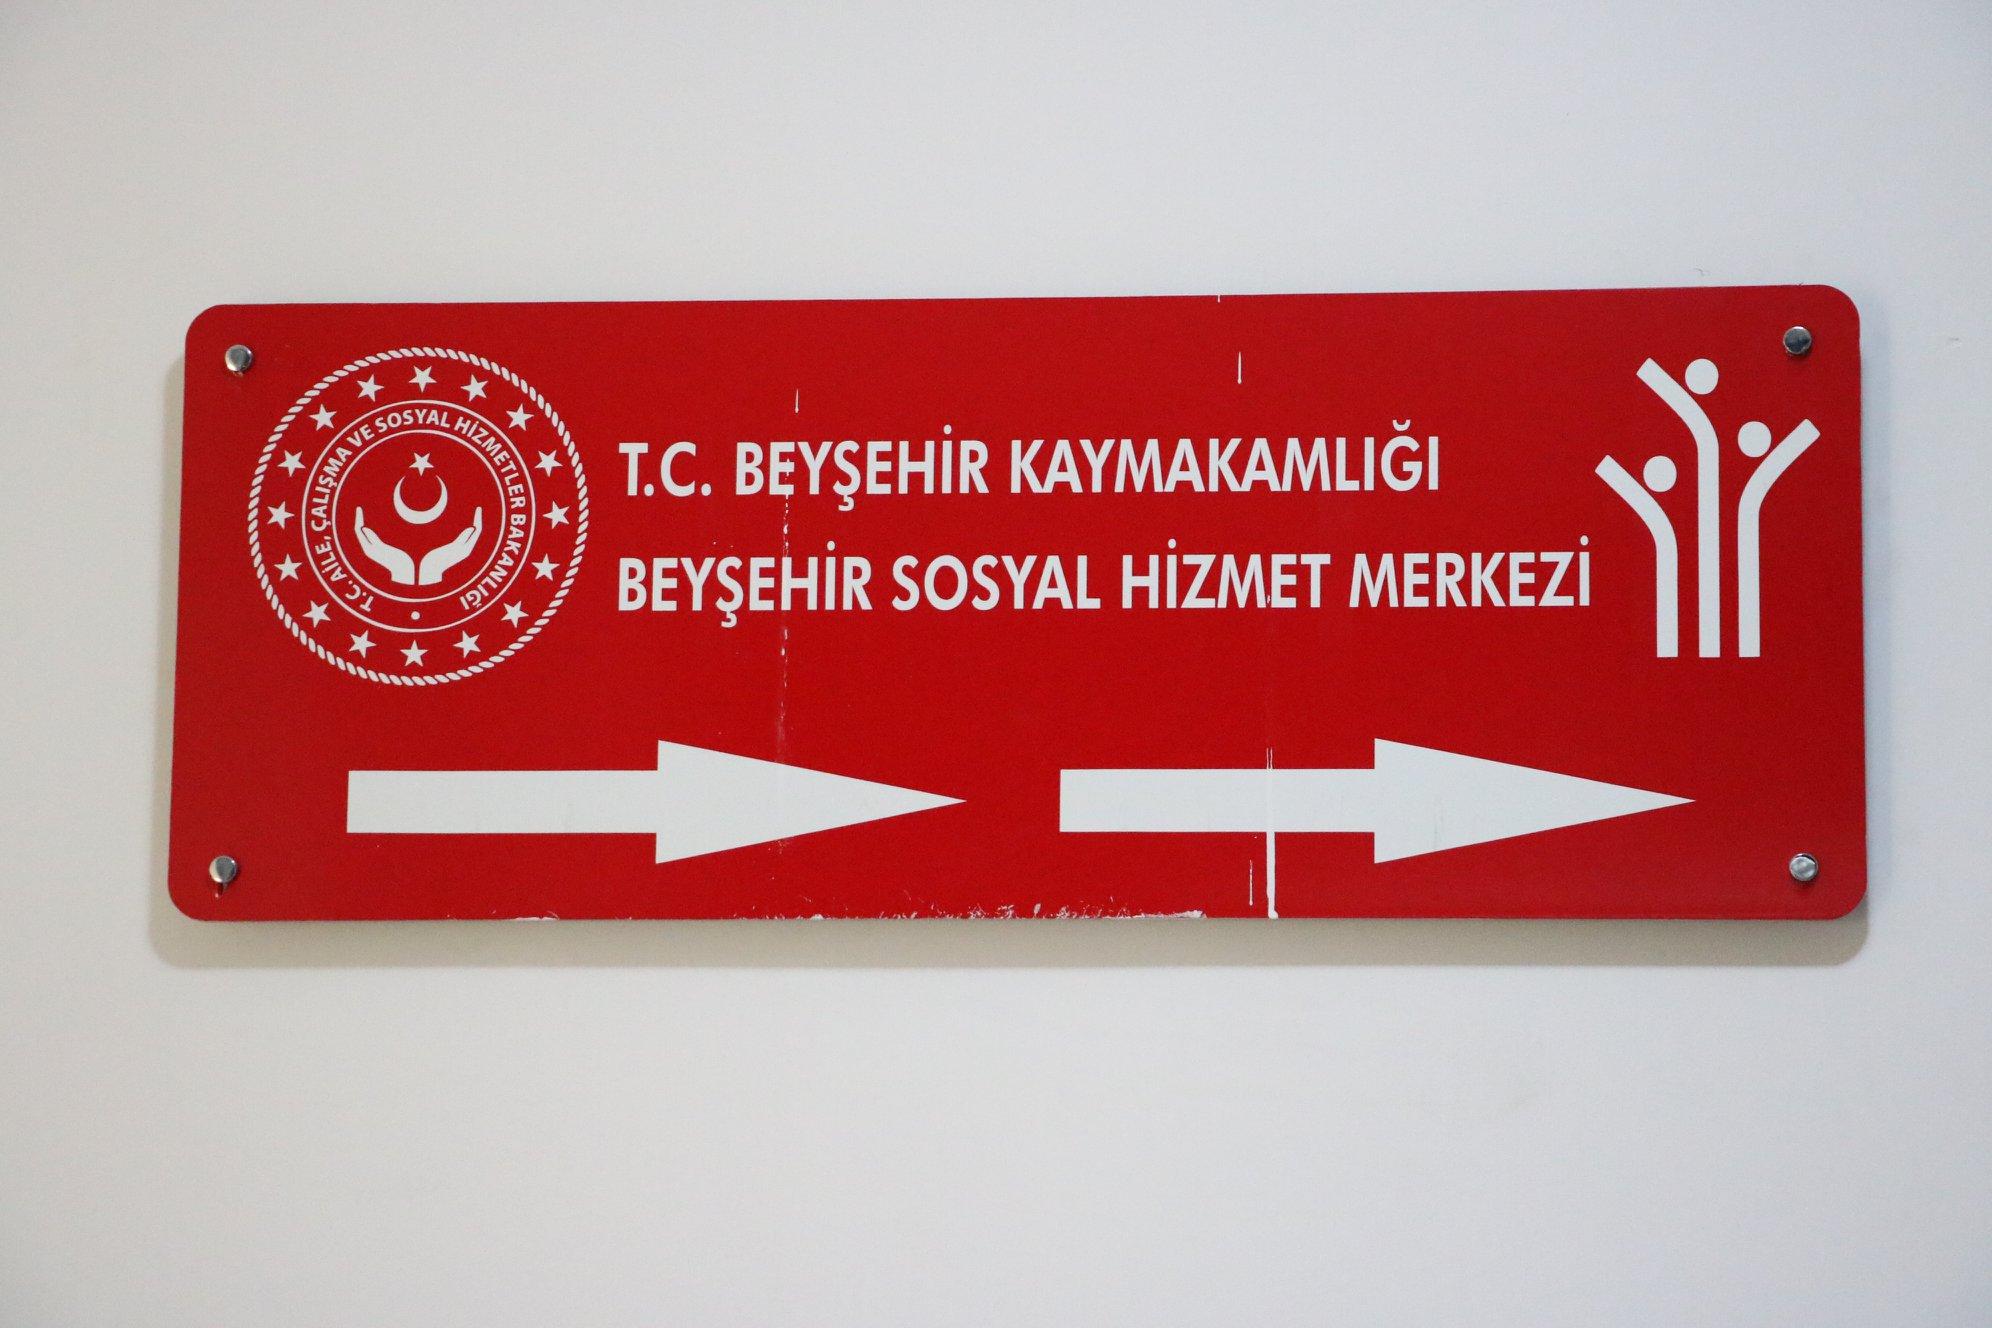 Beyşehir Sosyal Hizmetler Müdürlüğü gün sayıyor